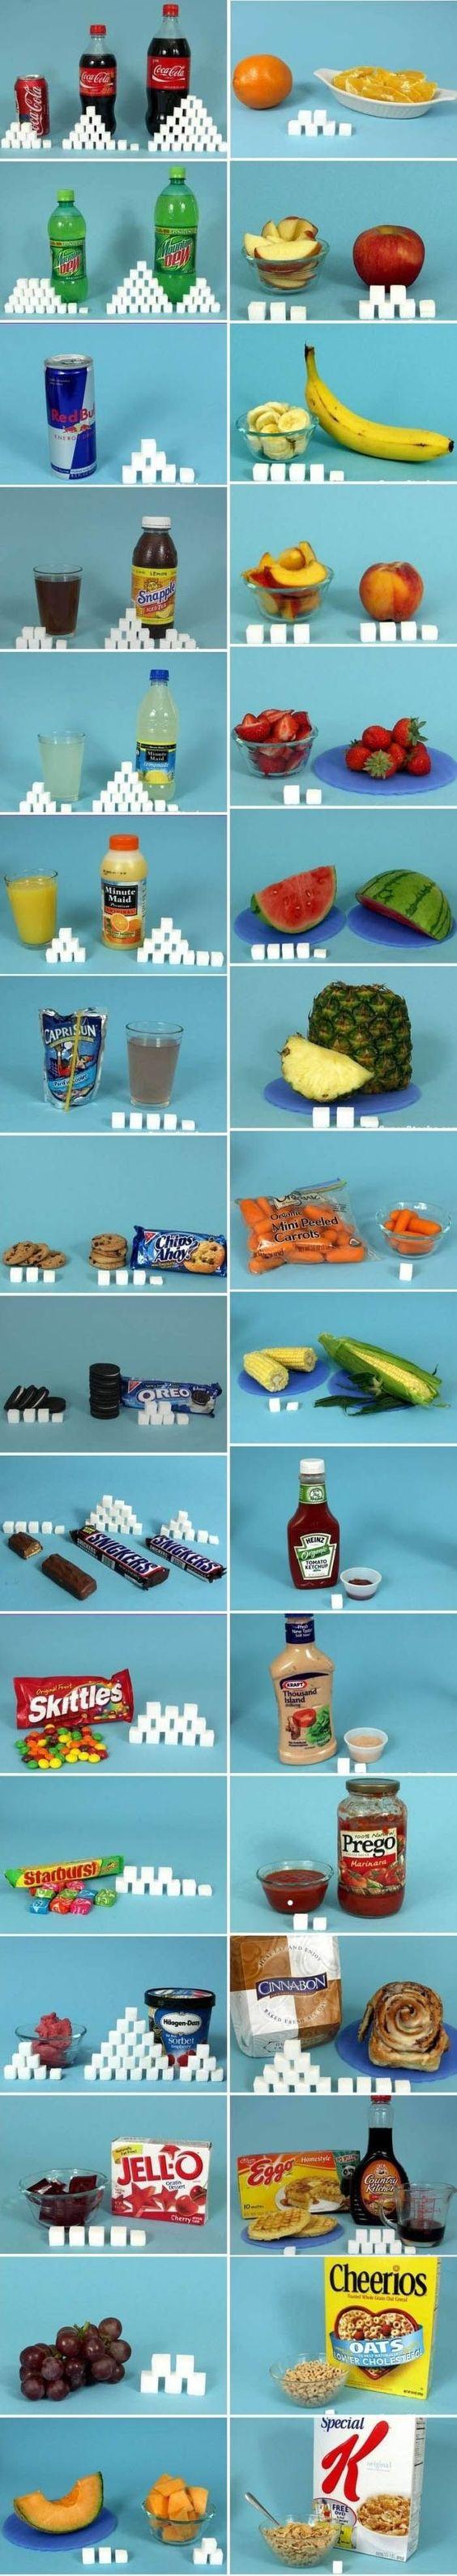 Quantité de sucre dans les aliments